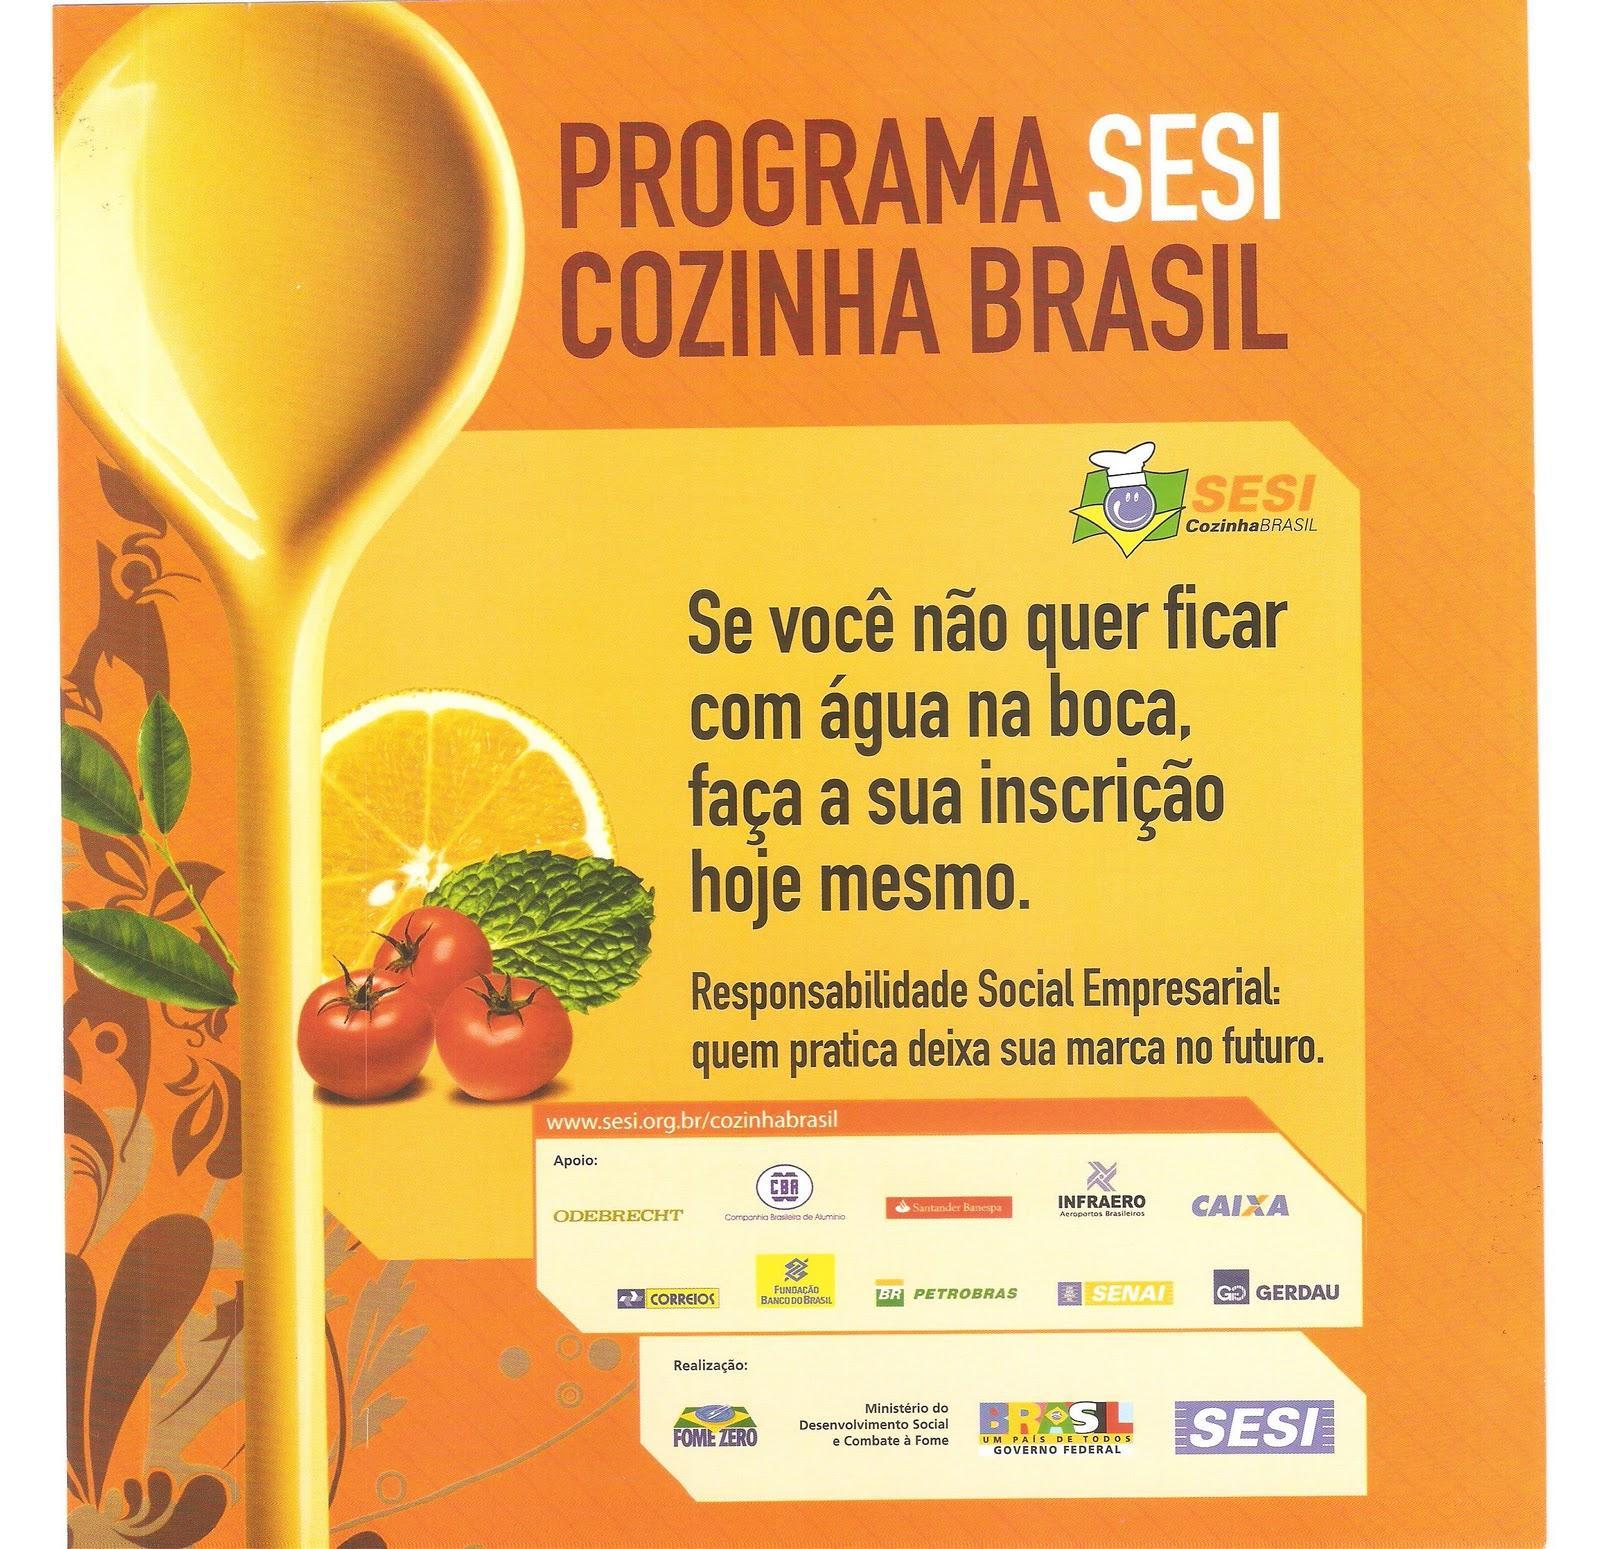 #C49707 COZINHA BRASIL EM ODB PARTICIPE! 1600x1549 px Programa Cozinha Brasil Receitas_3936 Imagens